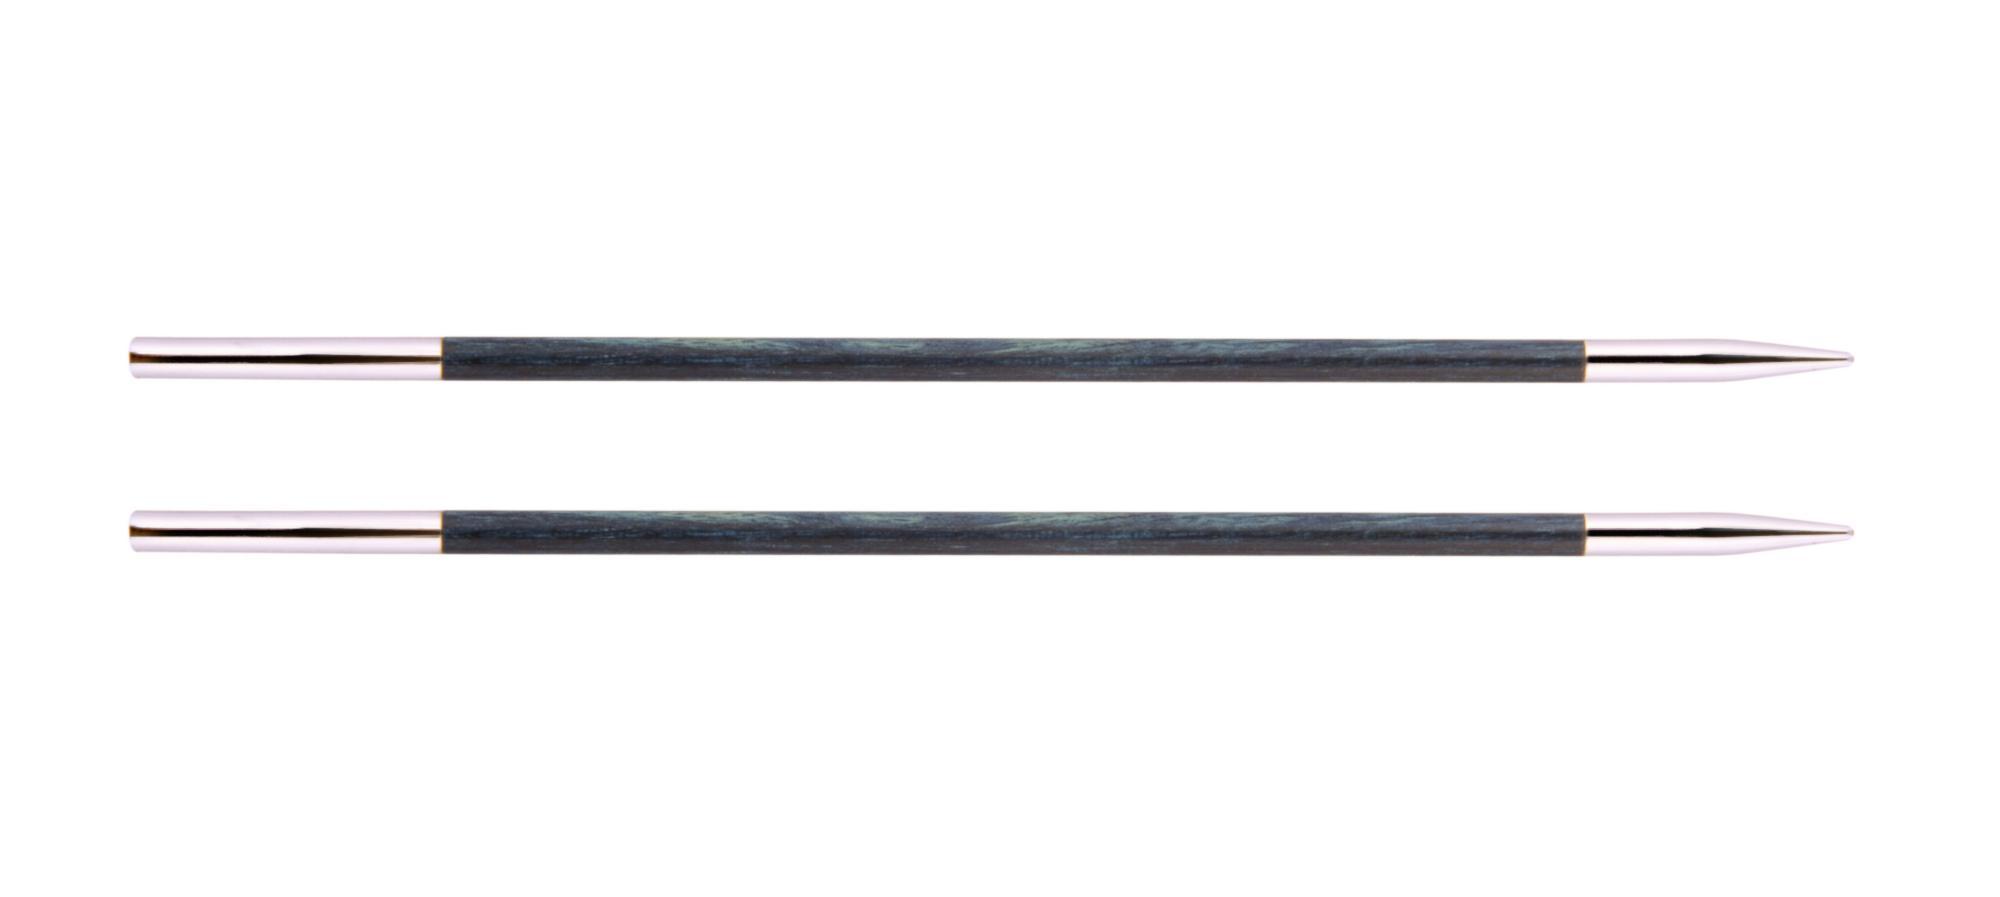 Спицы съемные короткие Royale KnitPro, 29272, 3.25 мм